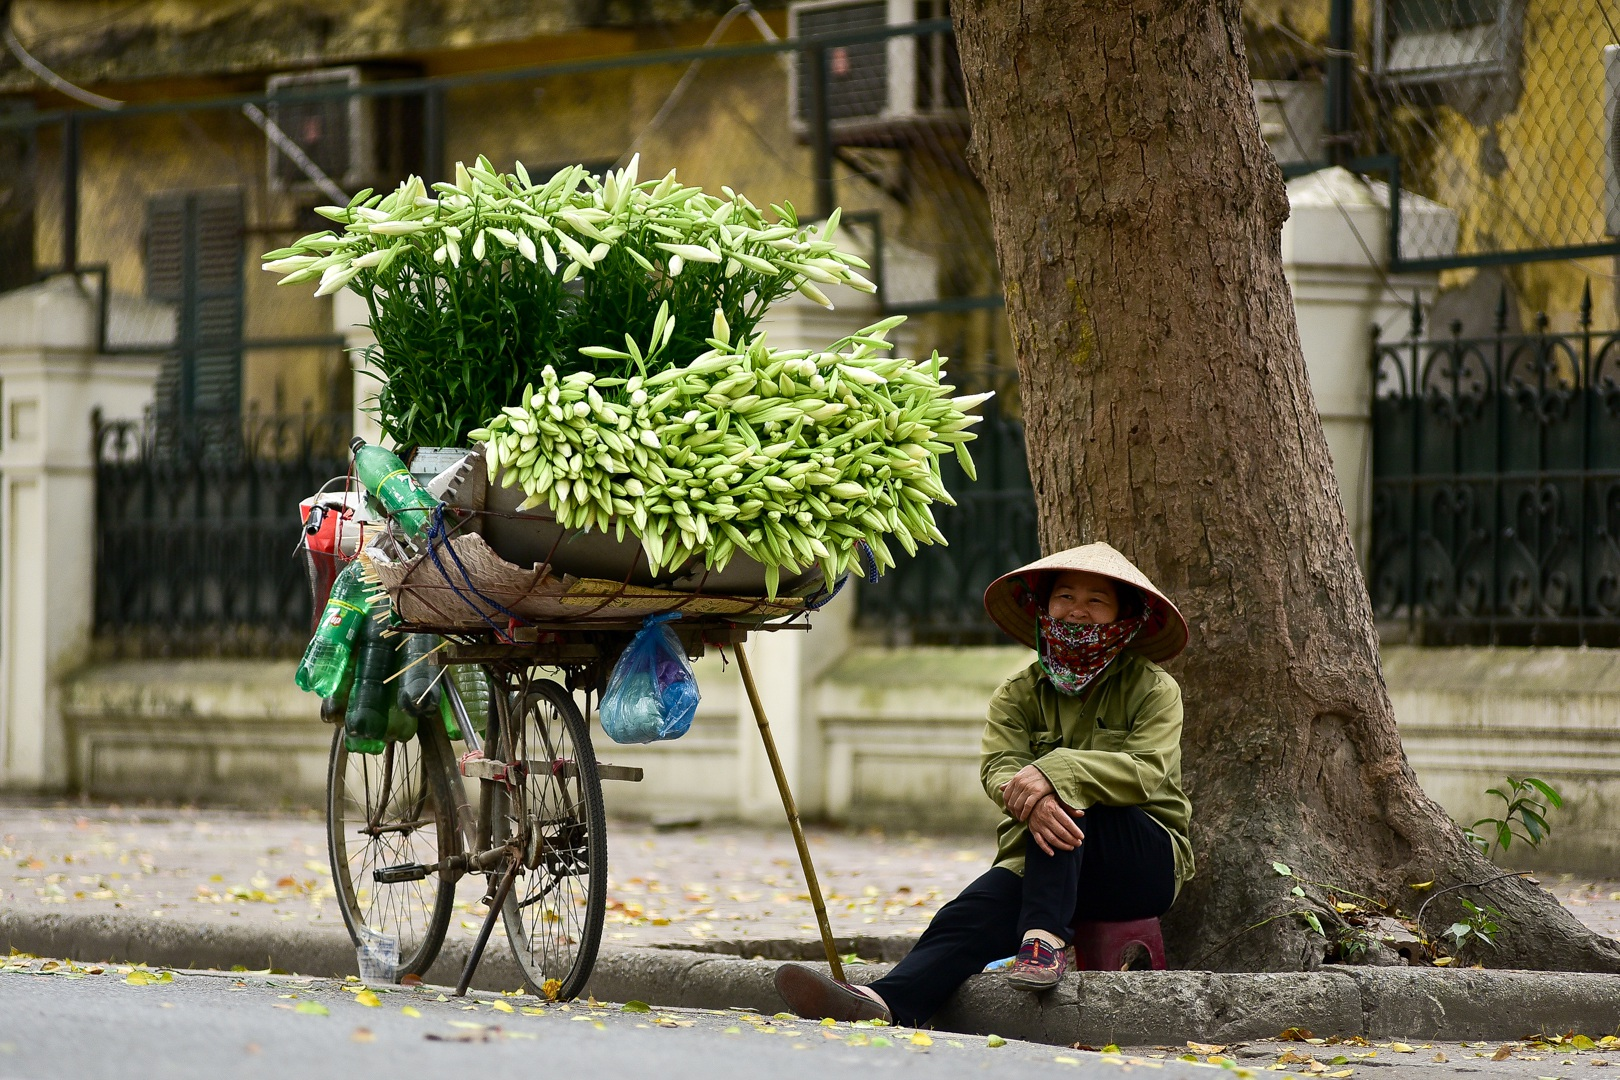 Mùa hoa loa kèn Hà Nội. Hình: Sưu tầm